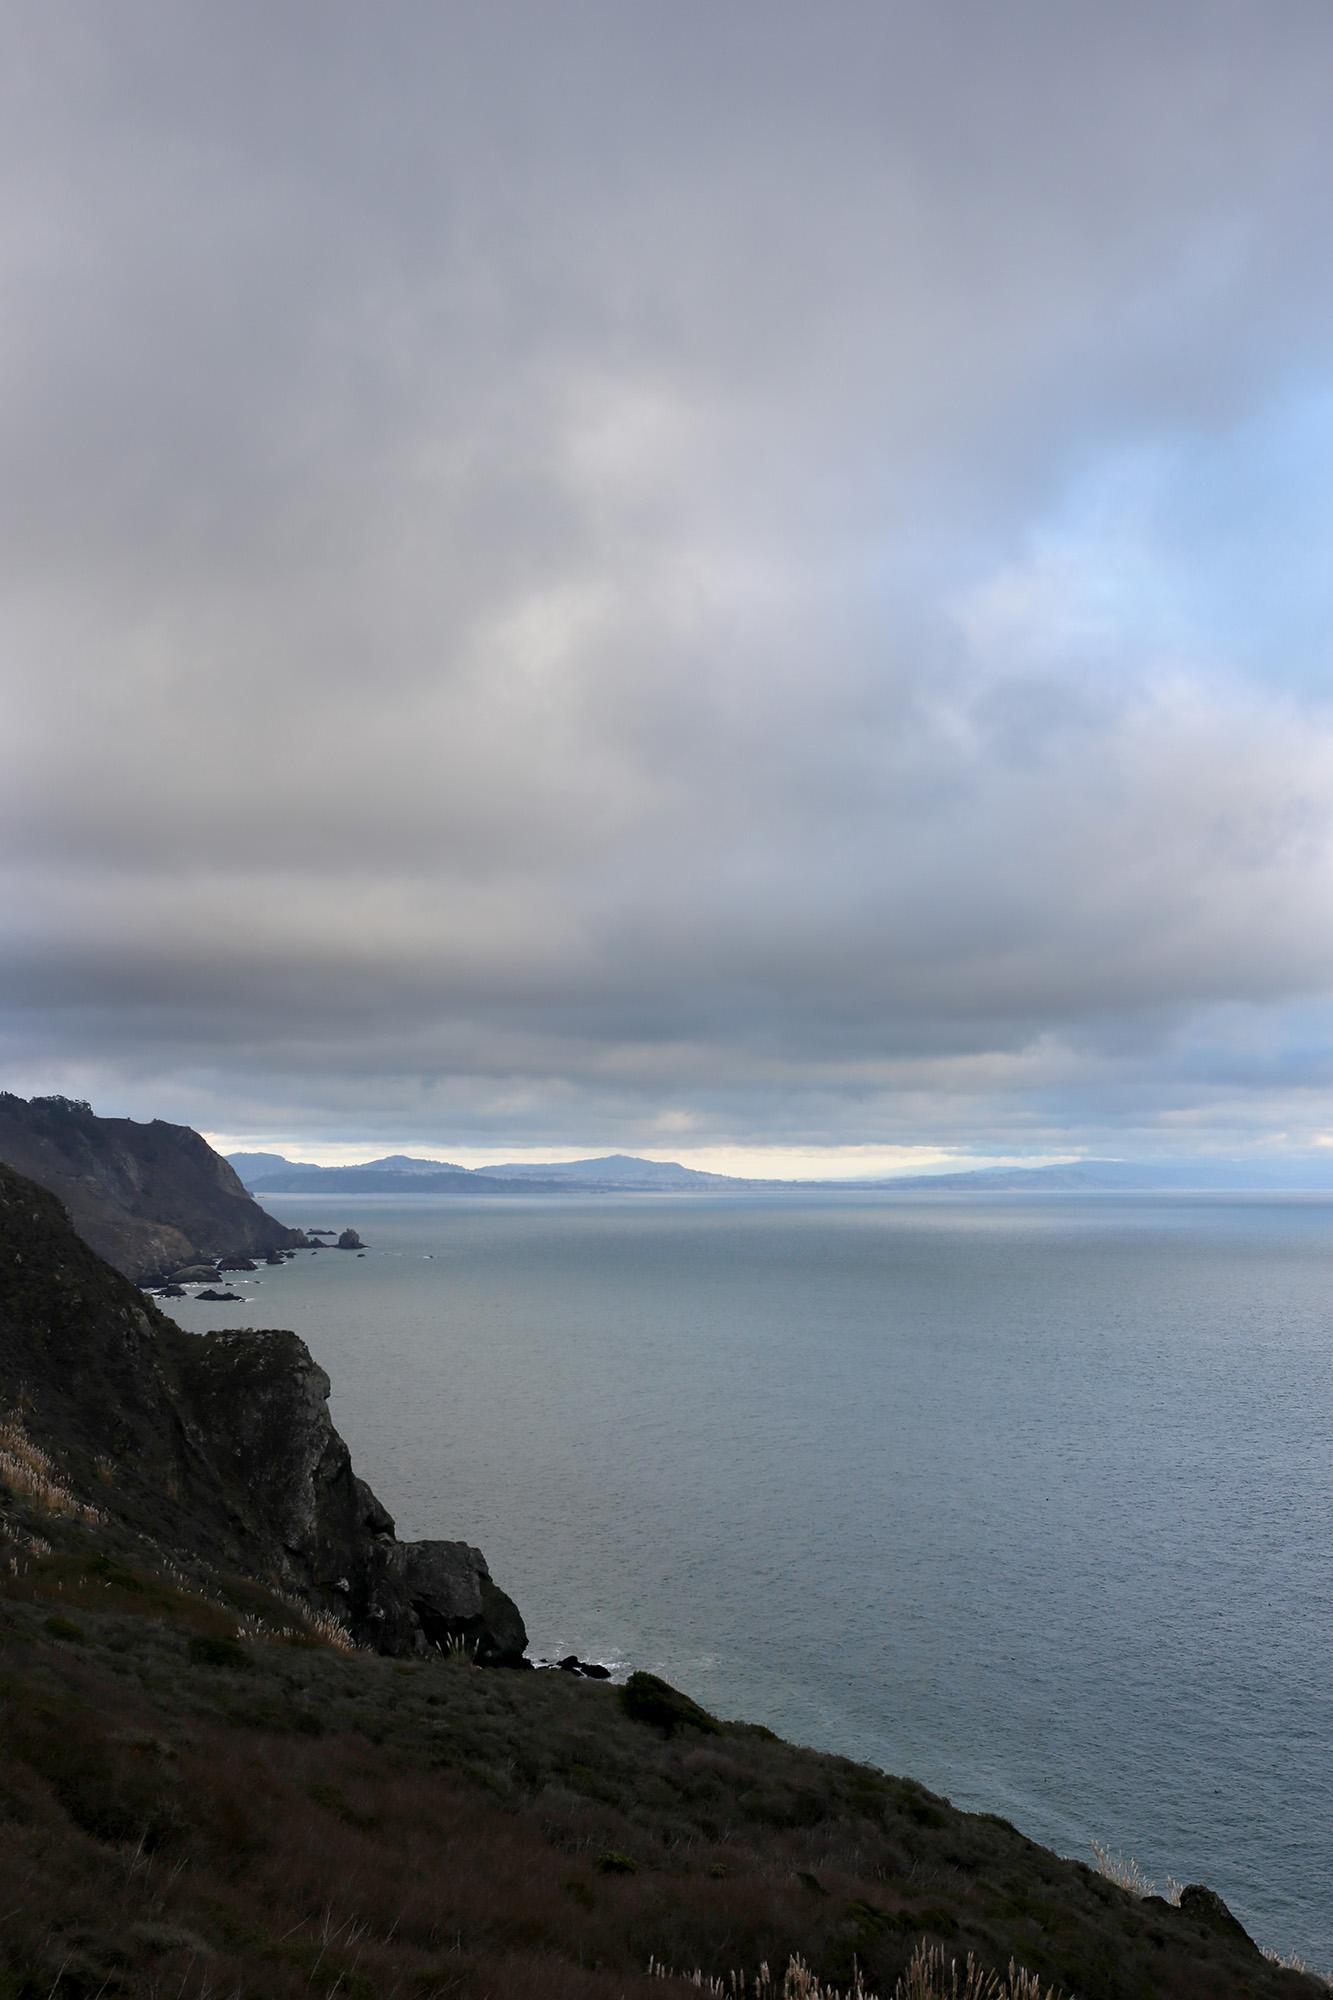 Morning Bay by Rich J. Velasco